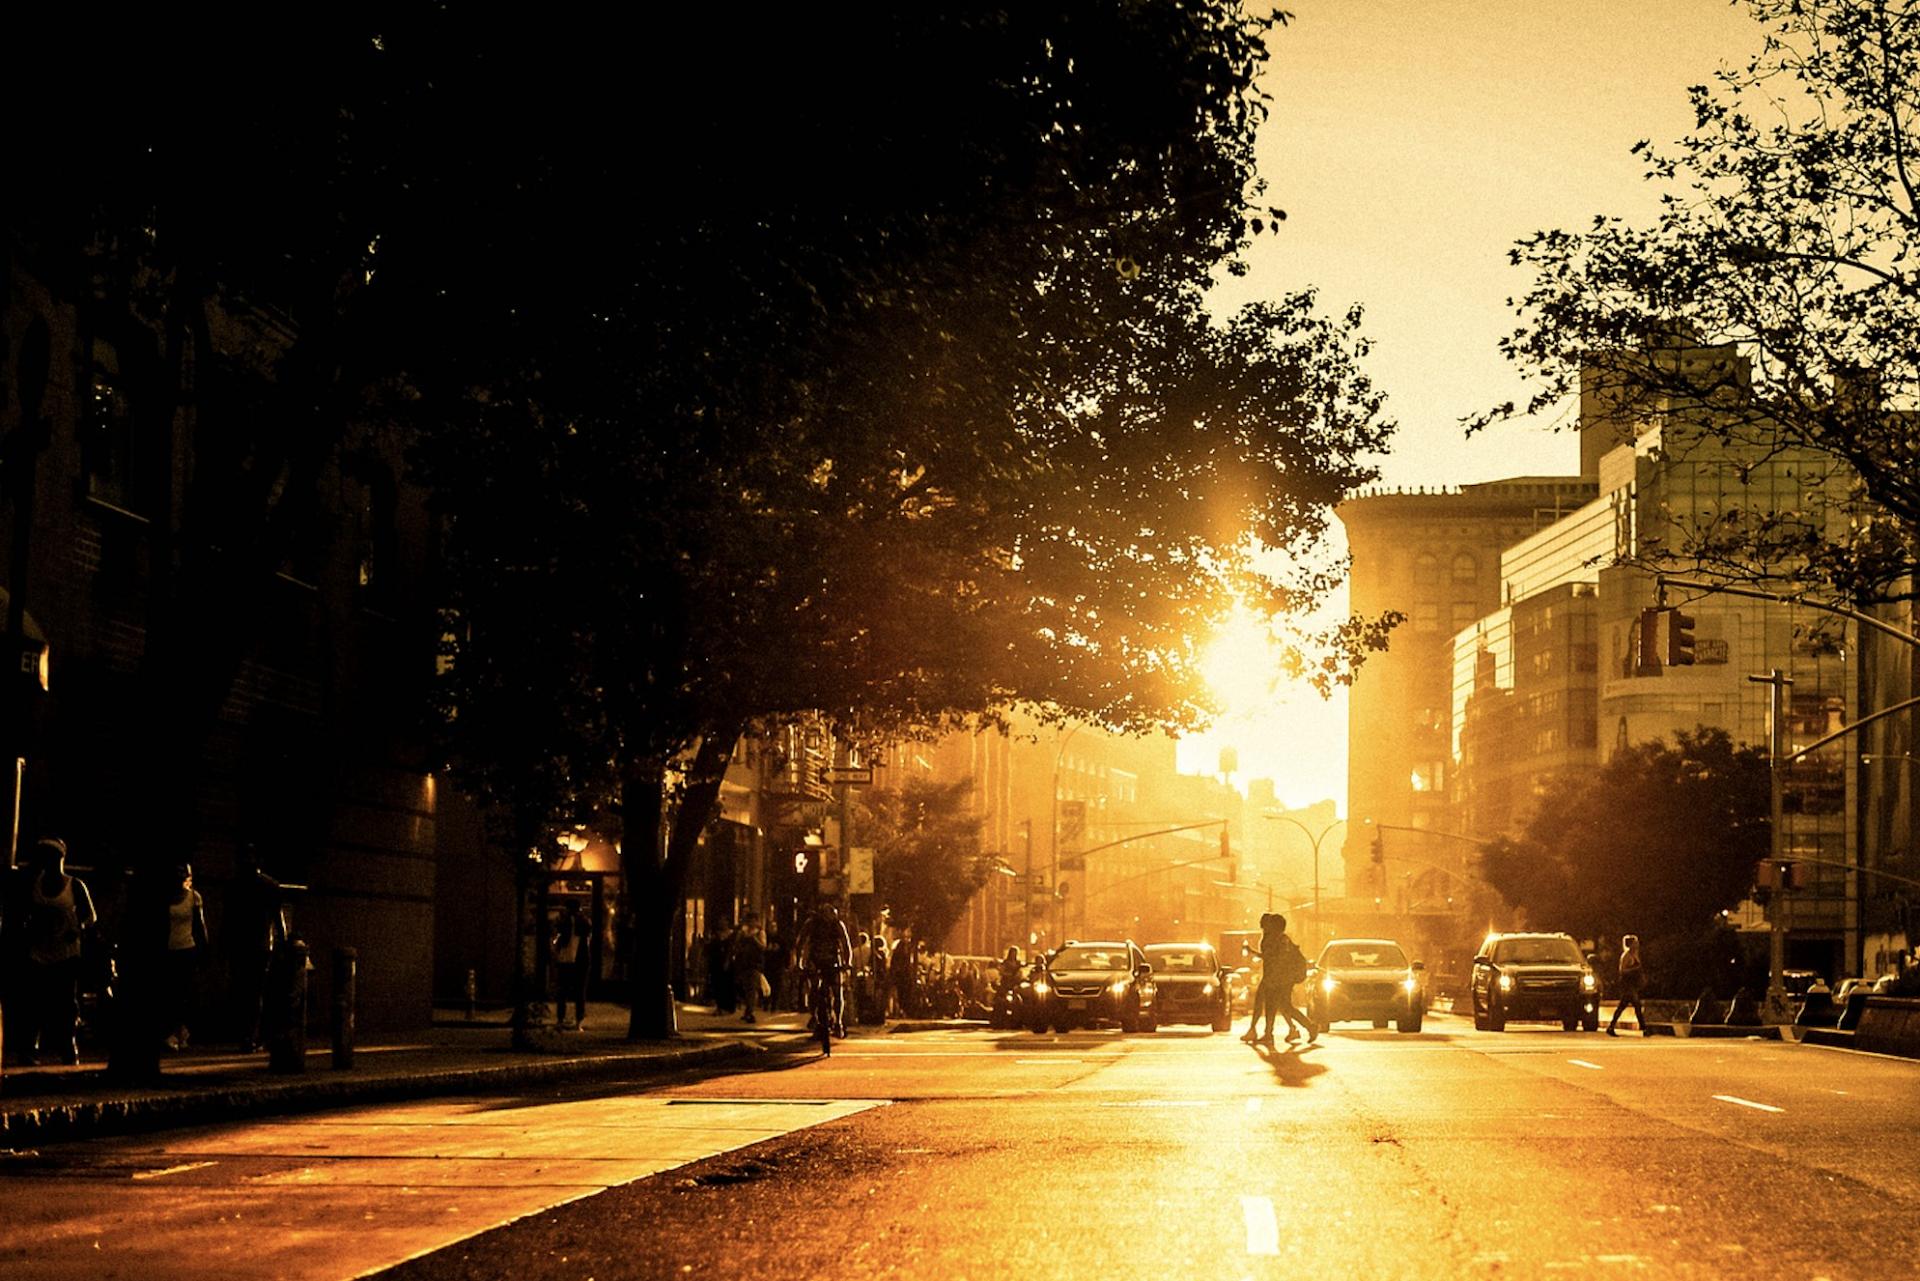 """O que esperar das """"Cidades do Futuro"""" pós Covid-19?"""